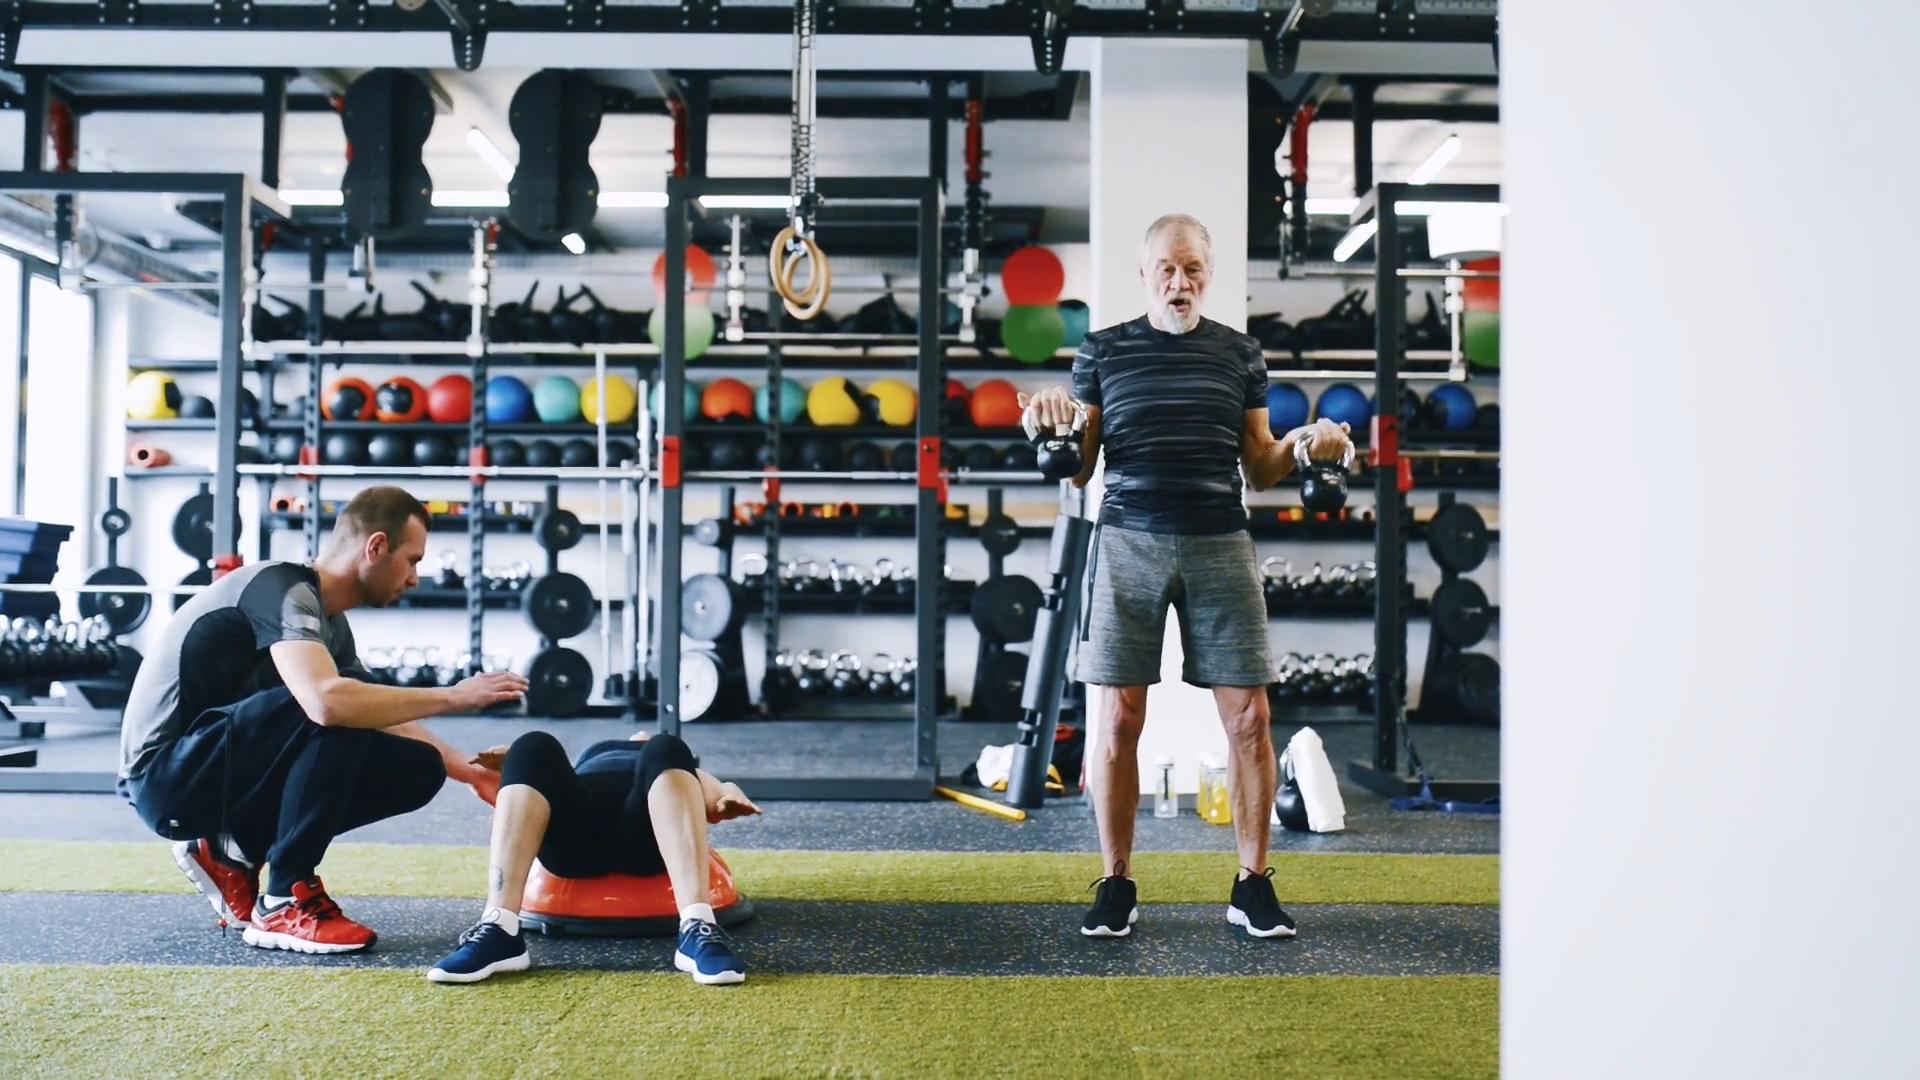 Ćwiczenia 3 razy w tygodniu odmładzają mózg o 10 lat